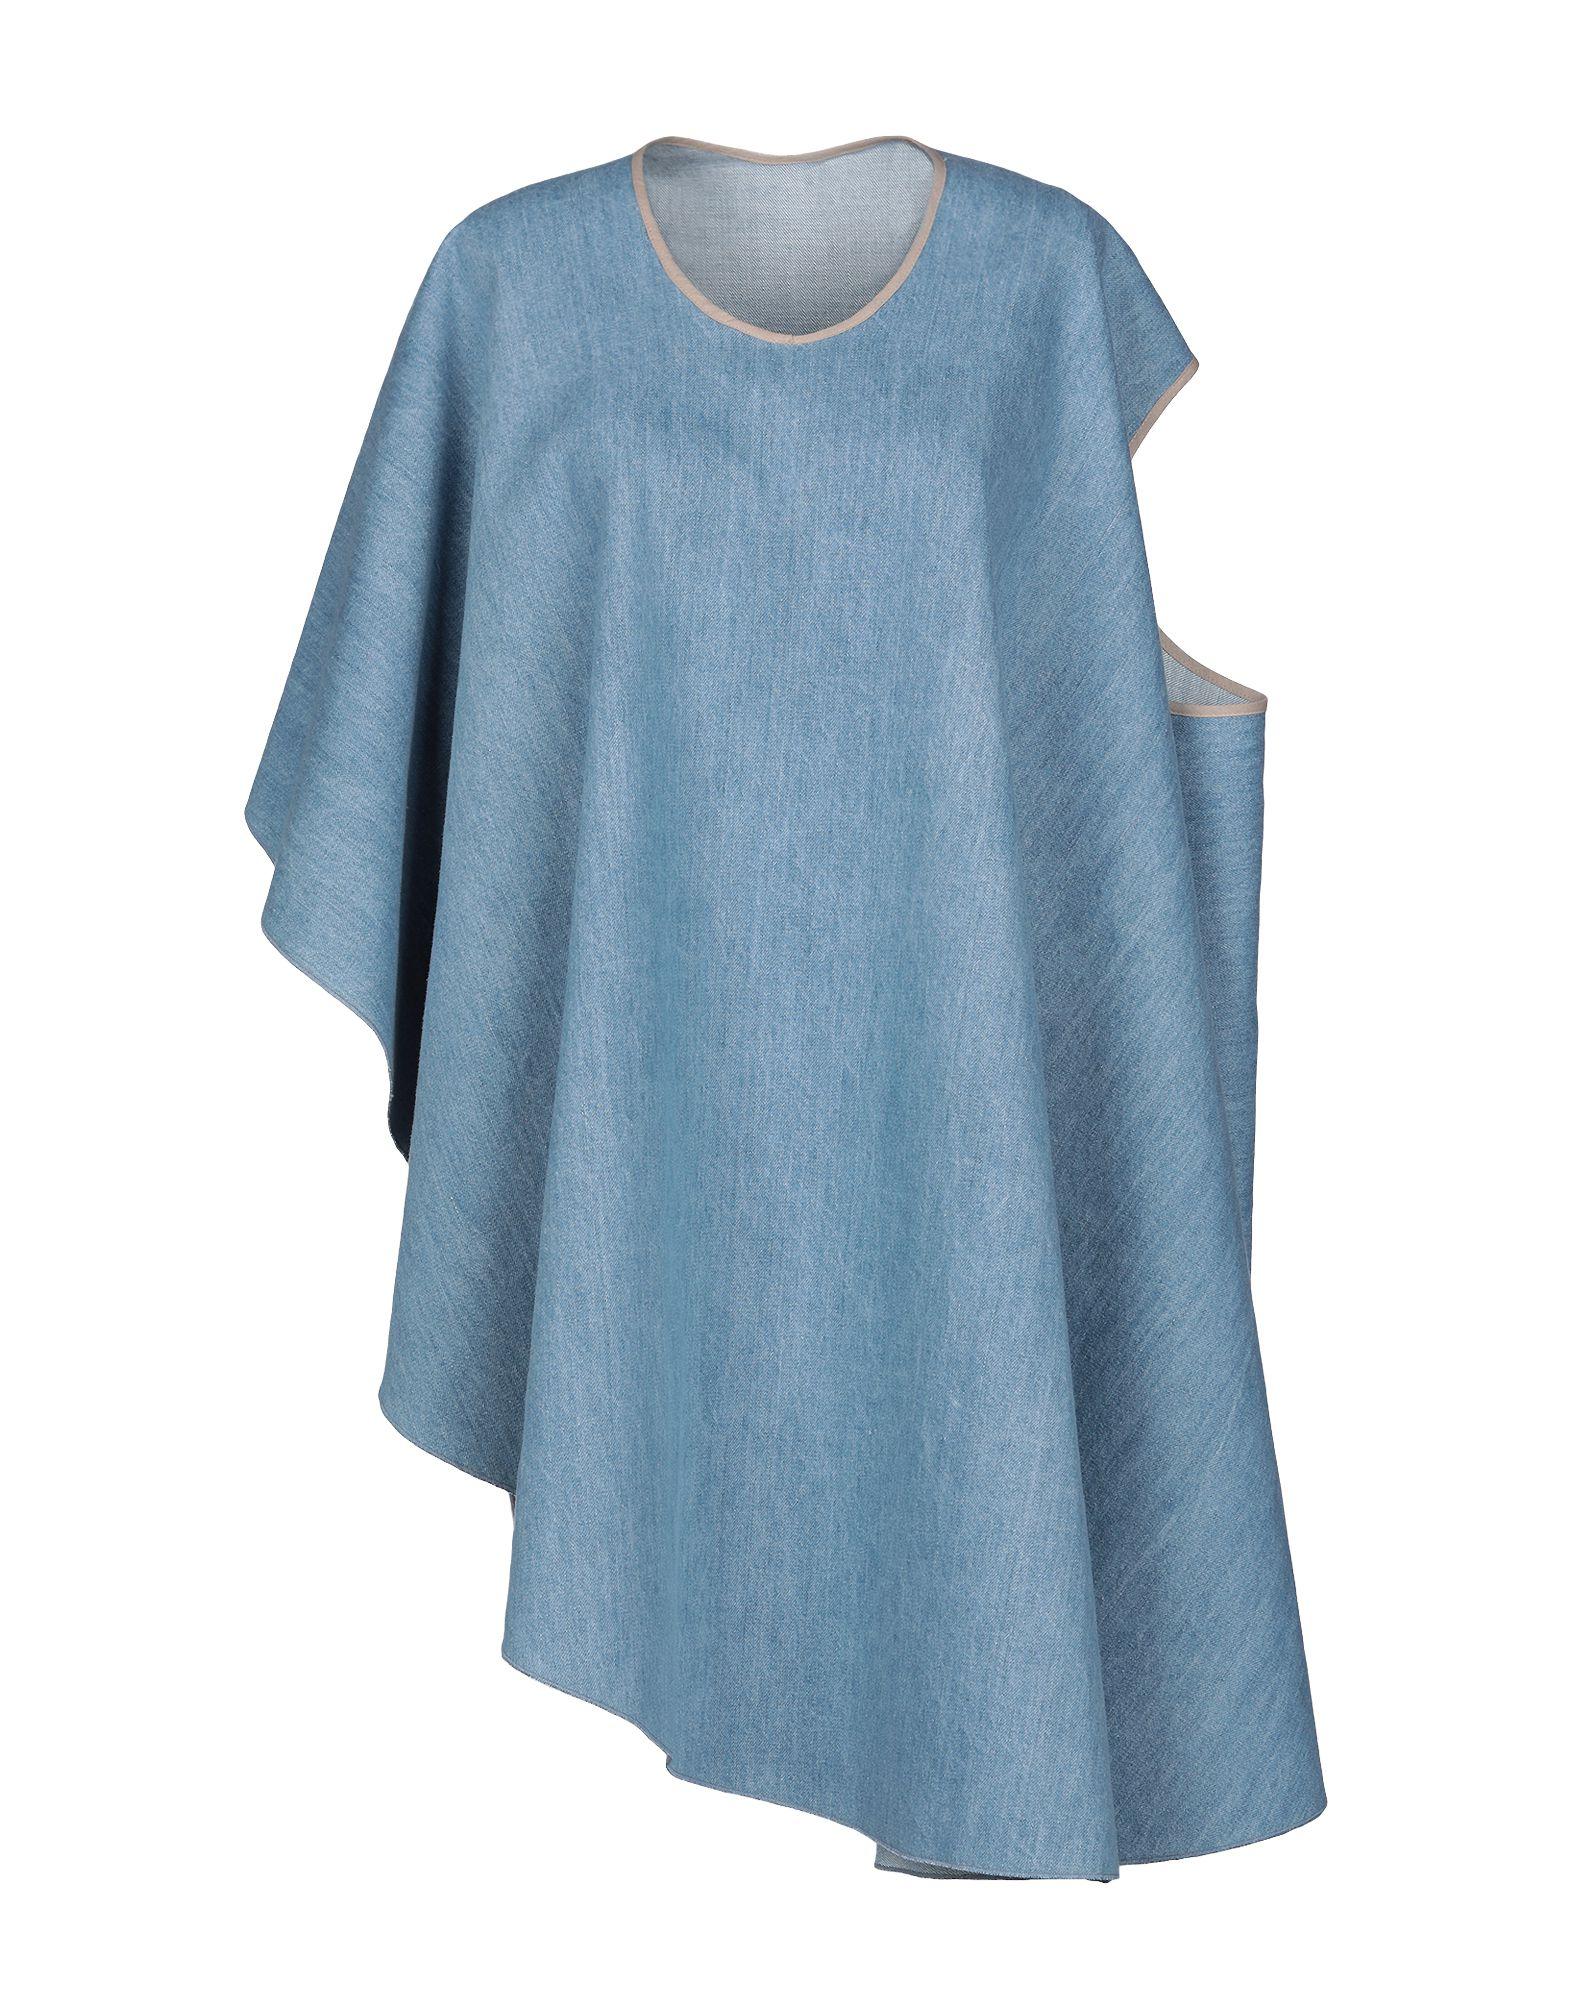 MACRÍ Джинсовая верхняя одежда брендовая одежда